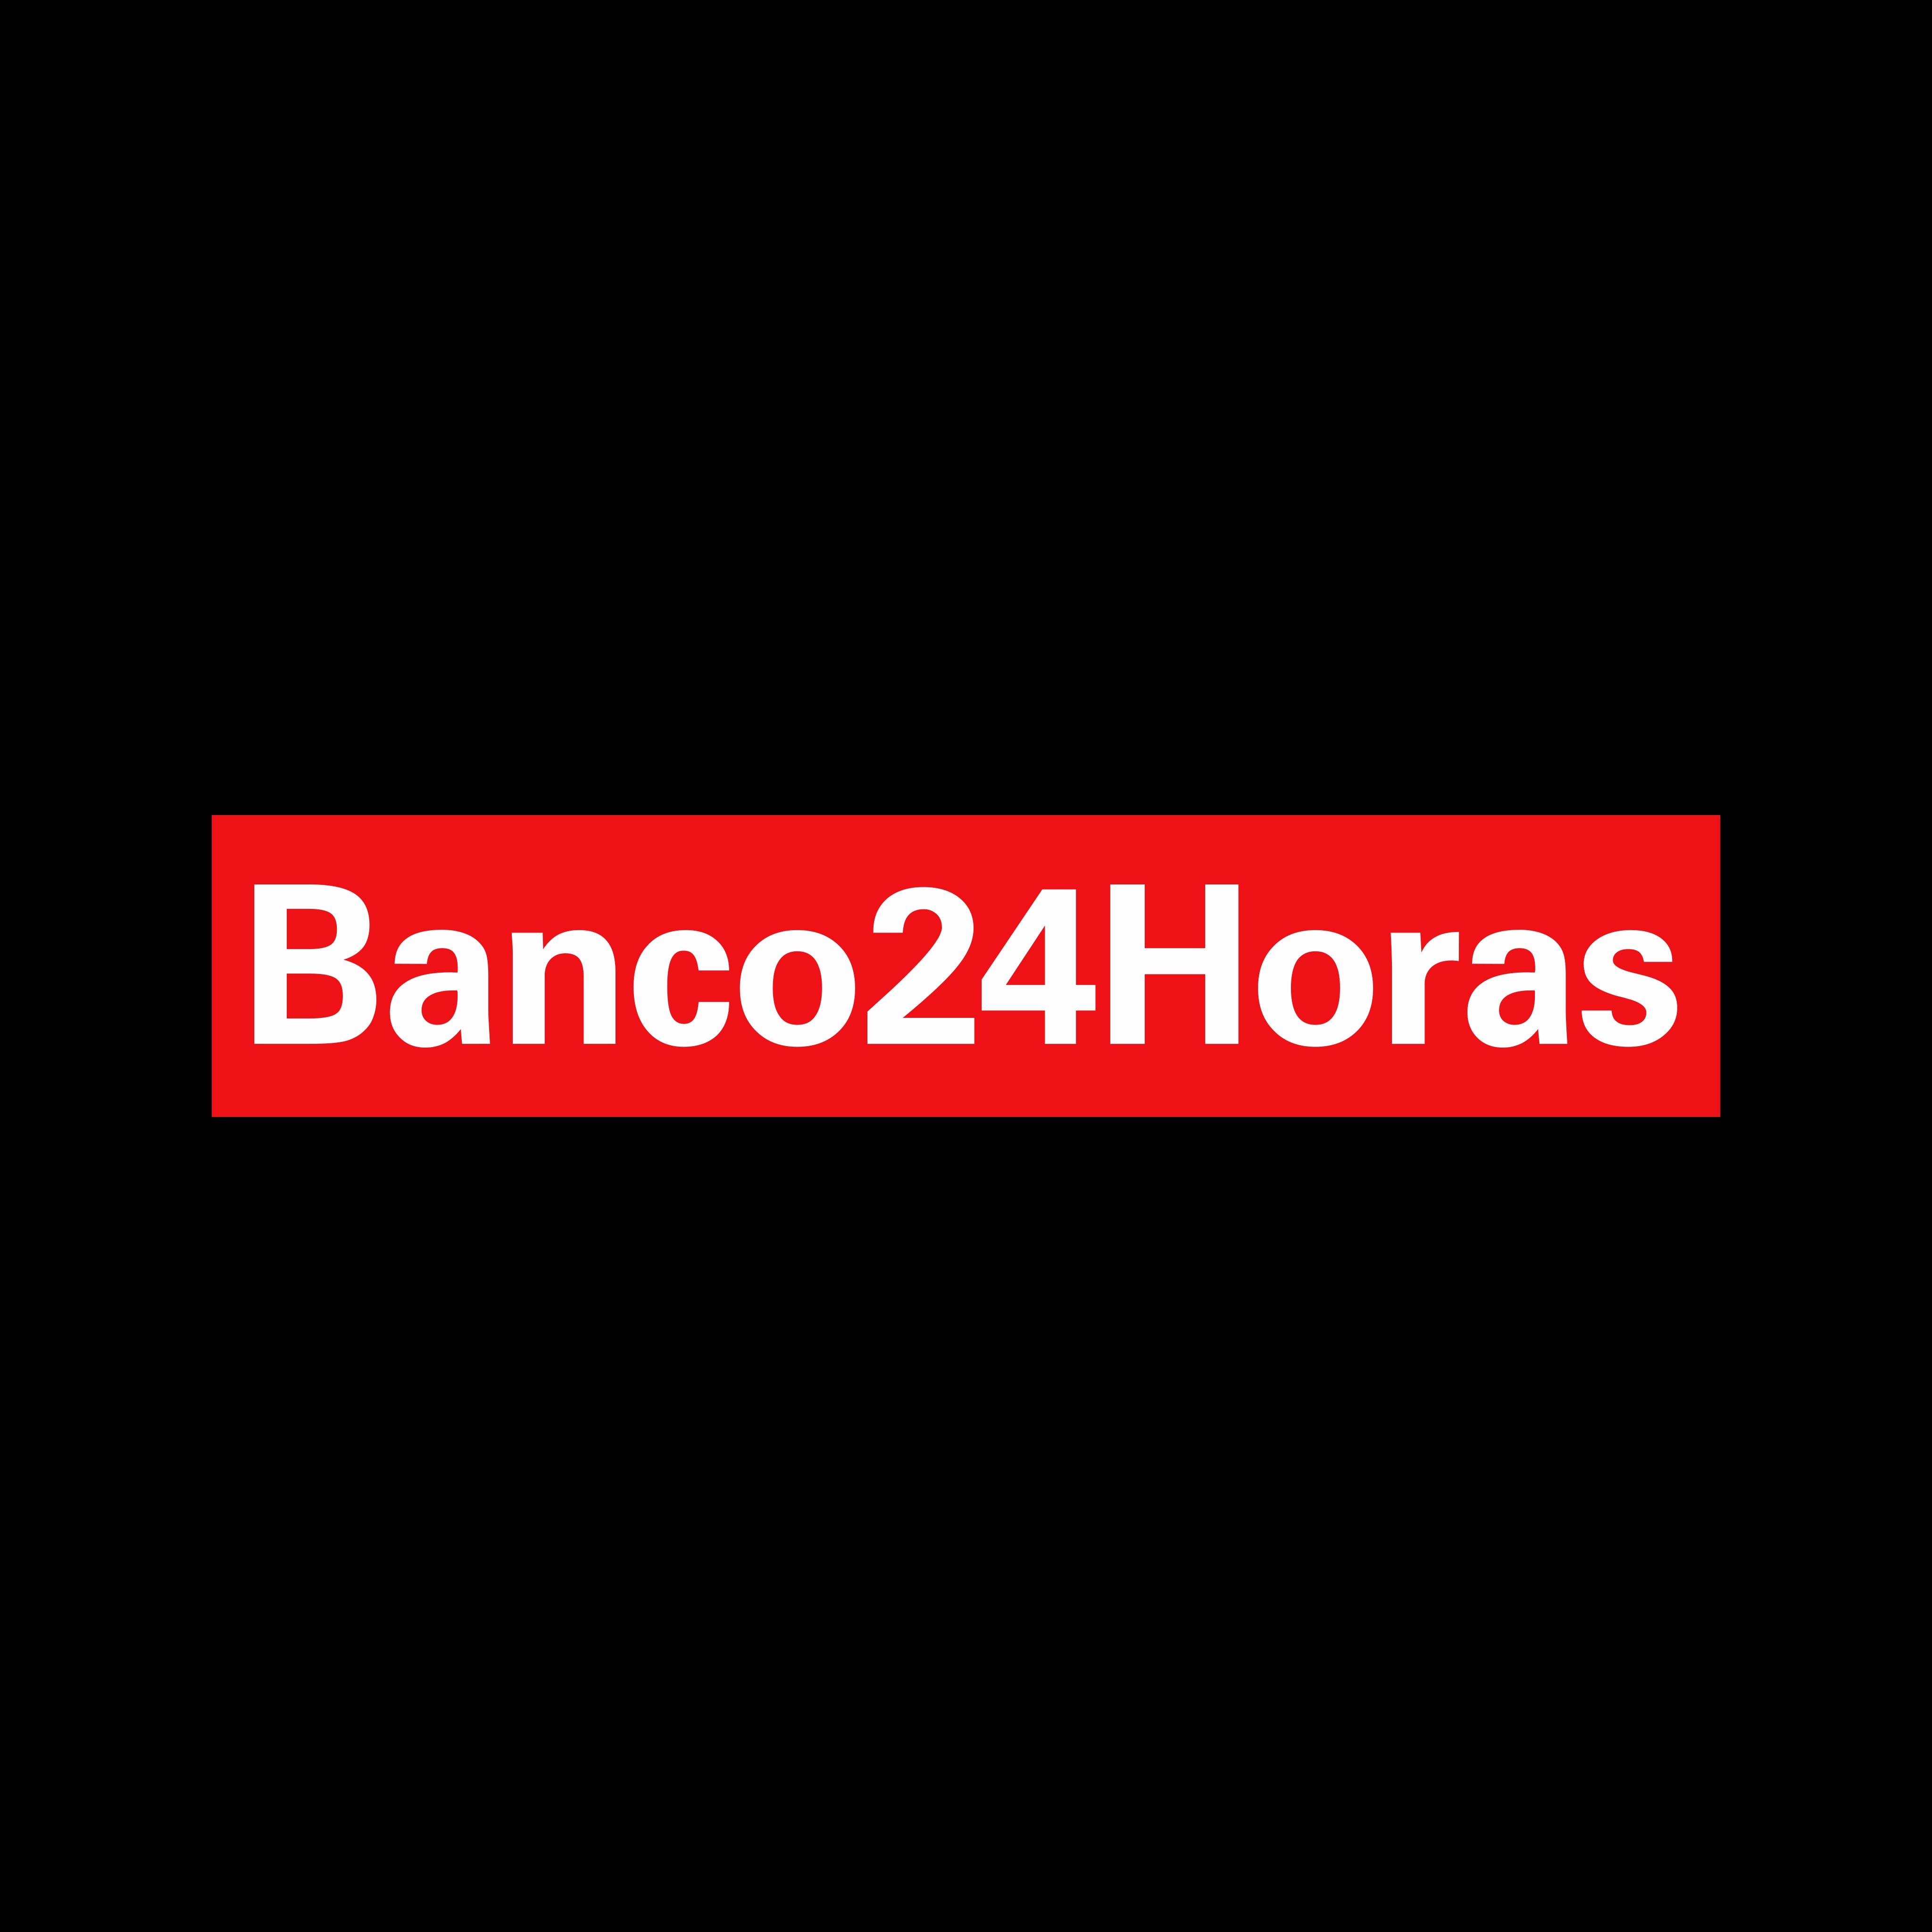 banco 24 horas logo 0 - Banco24Horas Logo